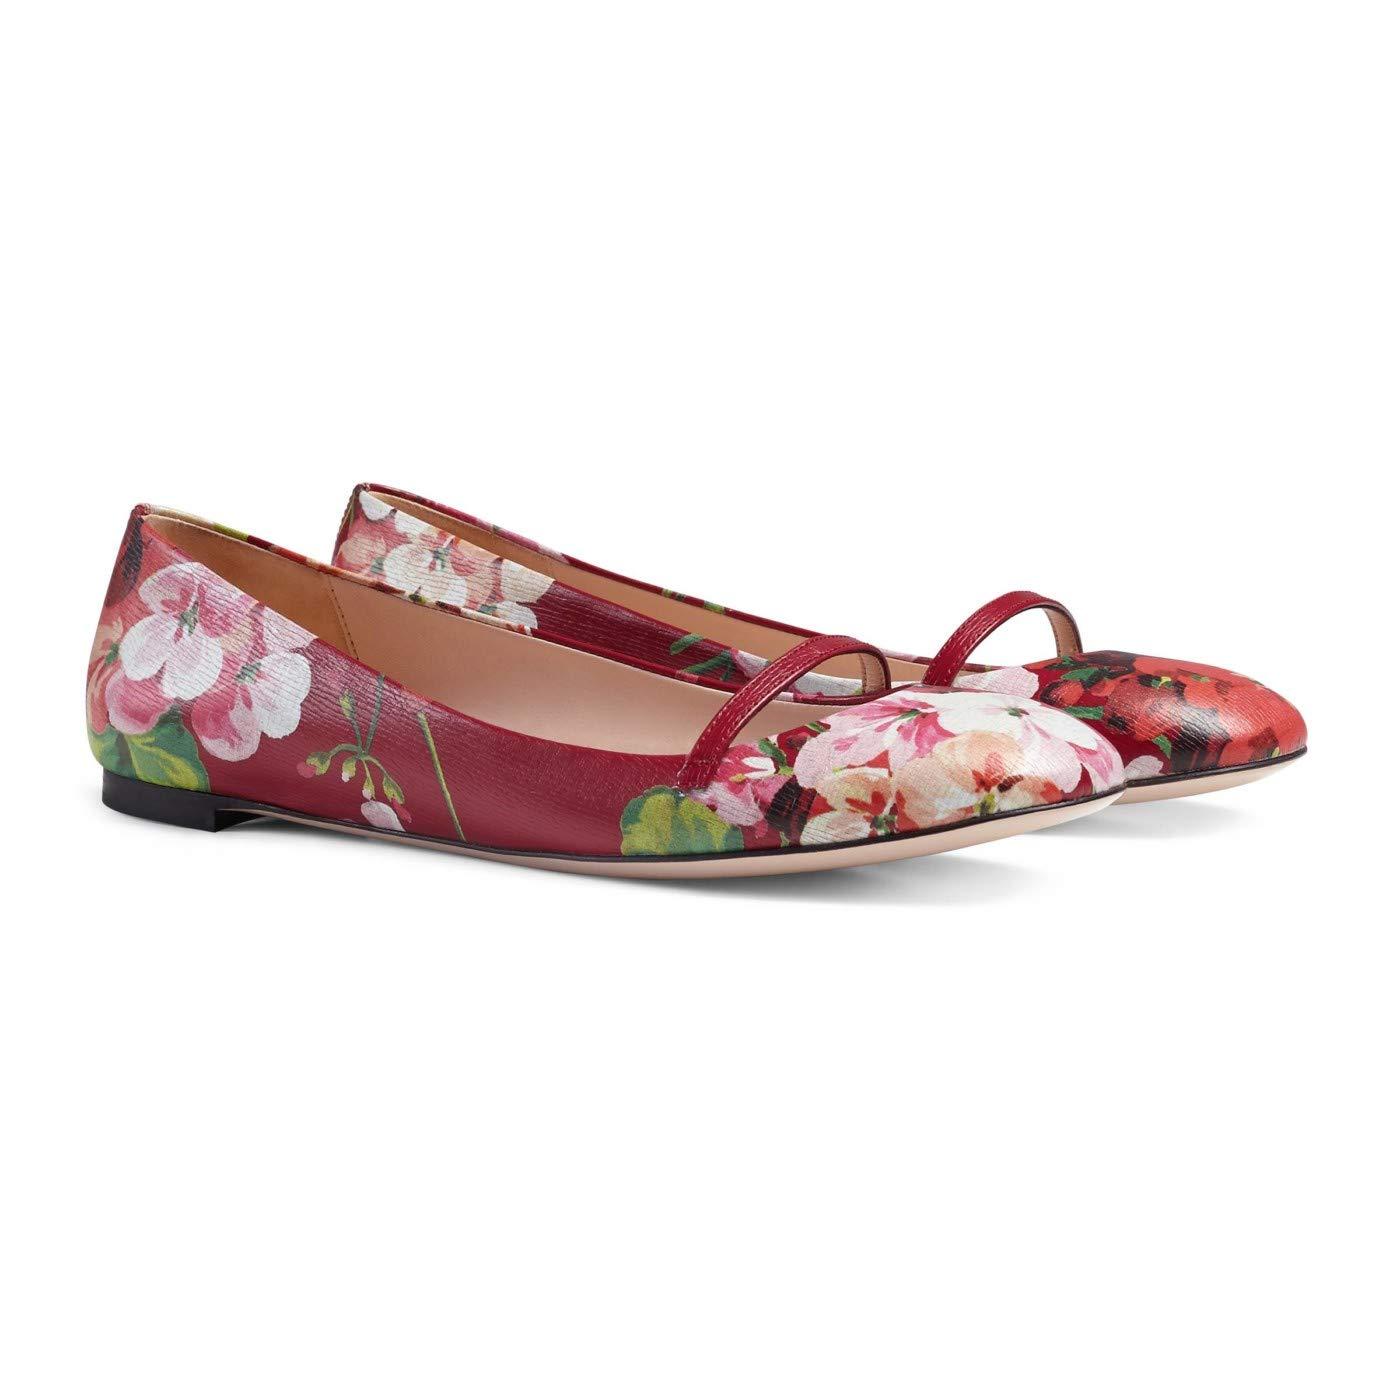 codice promozionale 58e50 8b05e Amazon.com: Gucci Women's Leather Blooms Floral Print ...